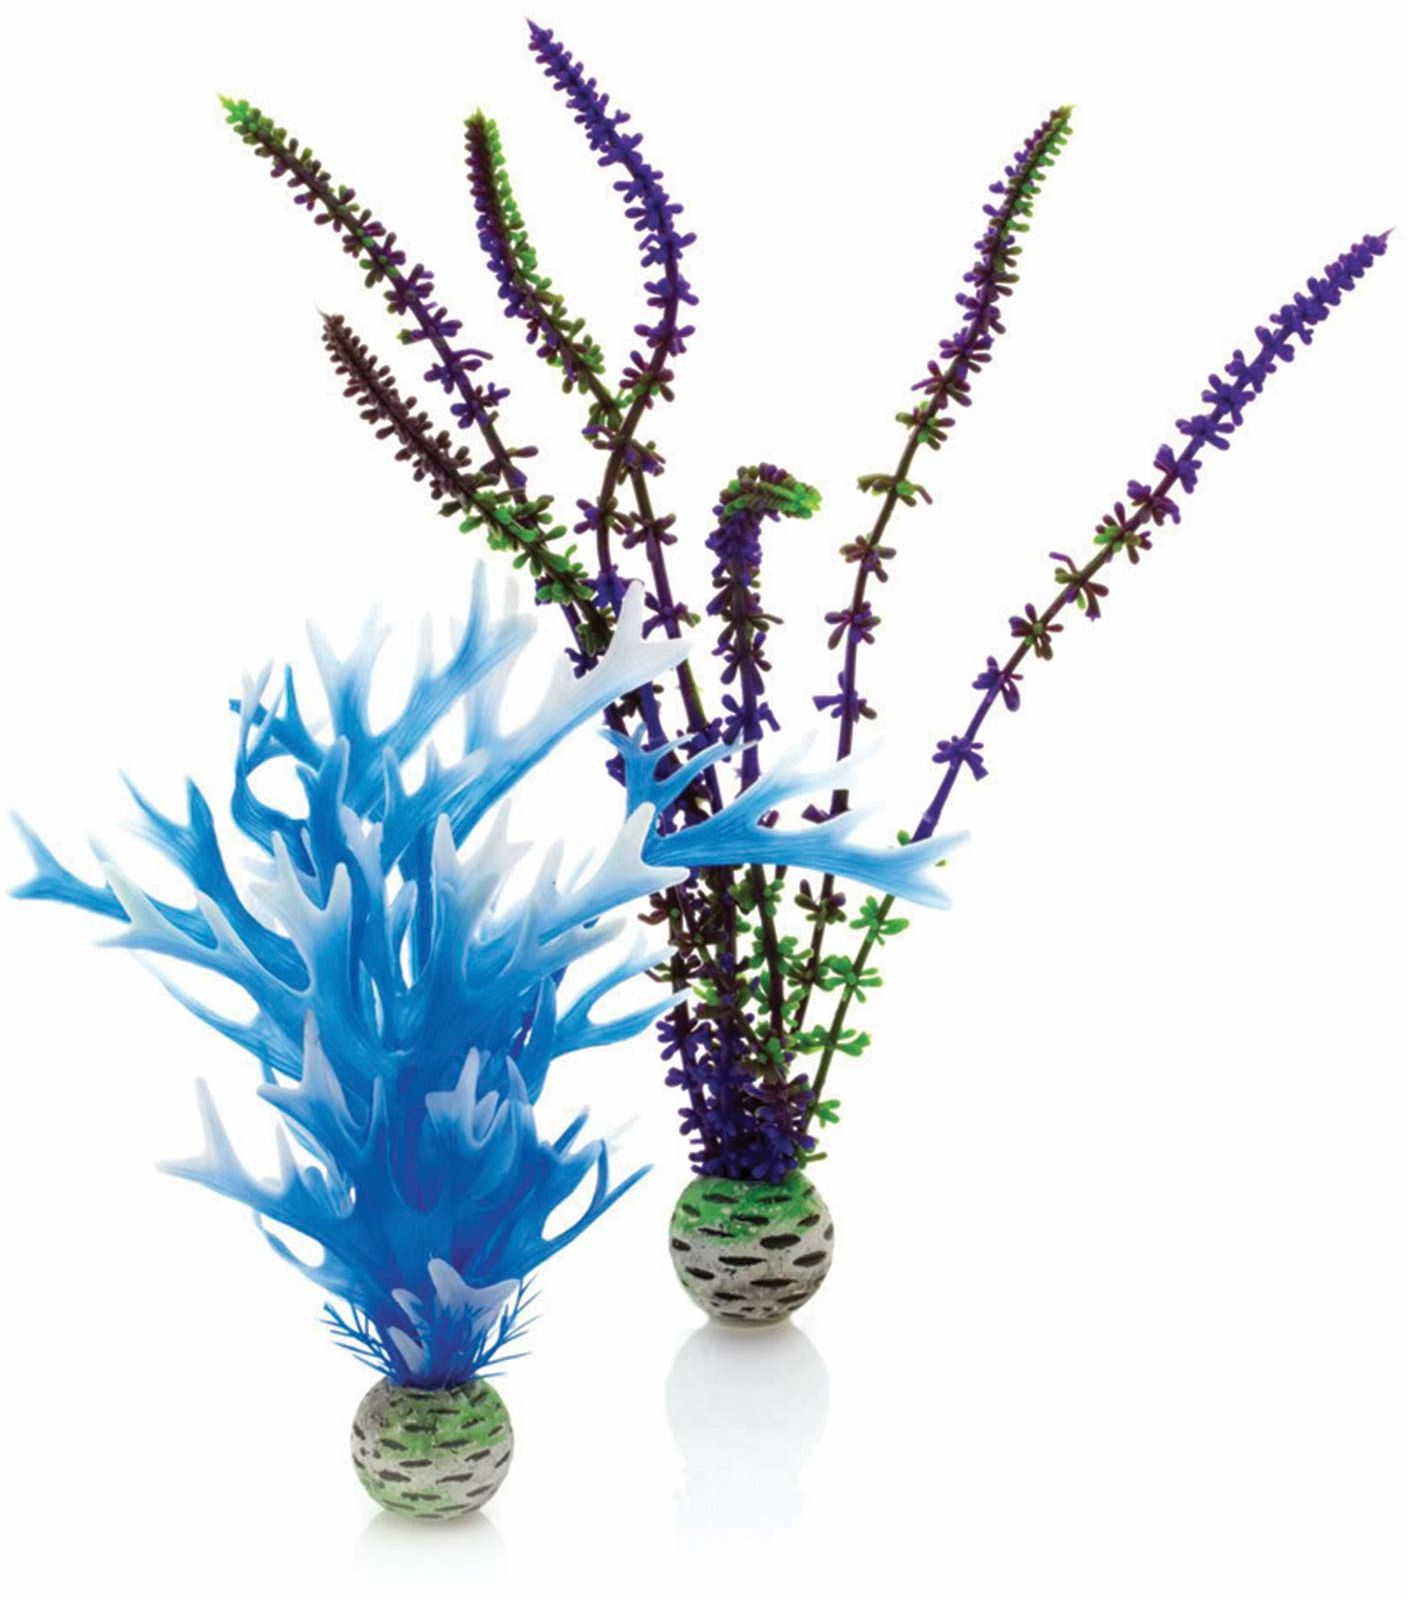 biOrb Prosta roślina, średnia, 2 sztuki, niebieski/fioletowy